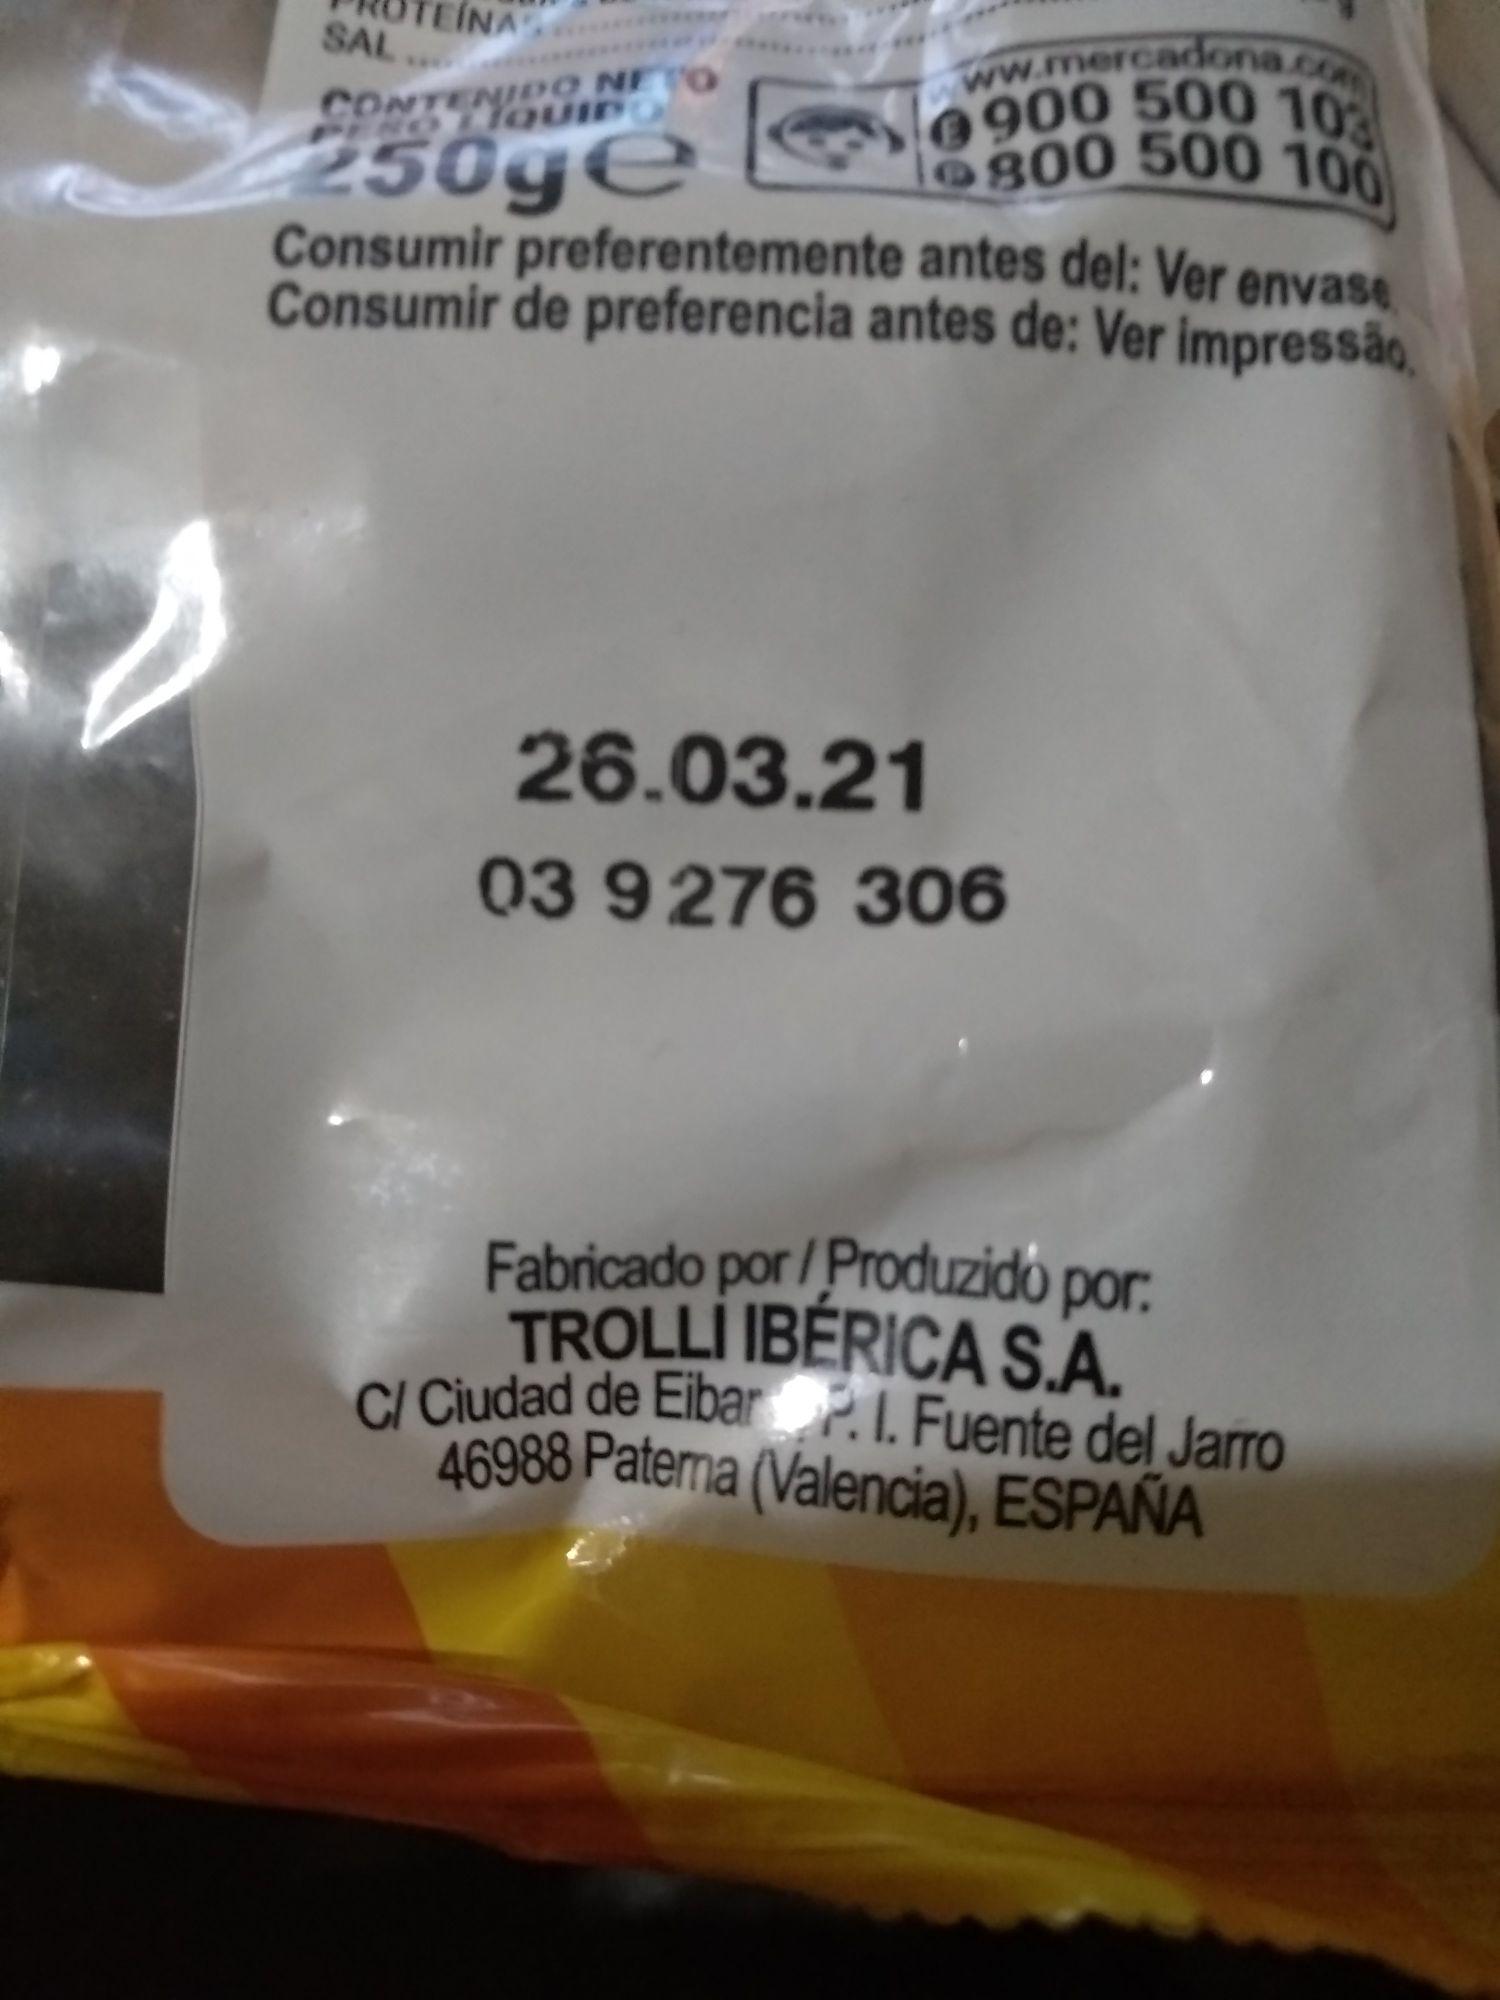 2122222-rAcXk.jpg